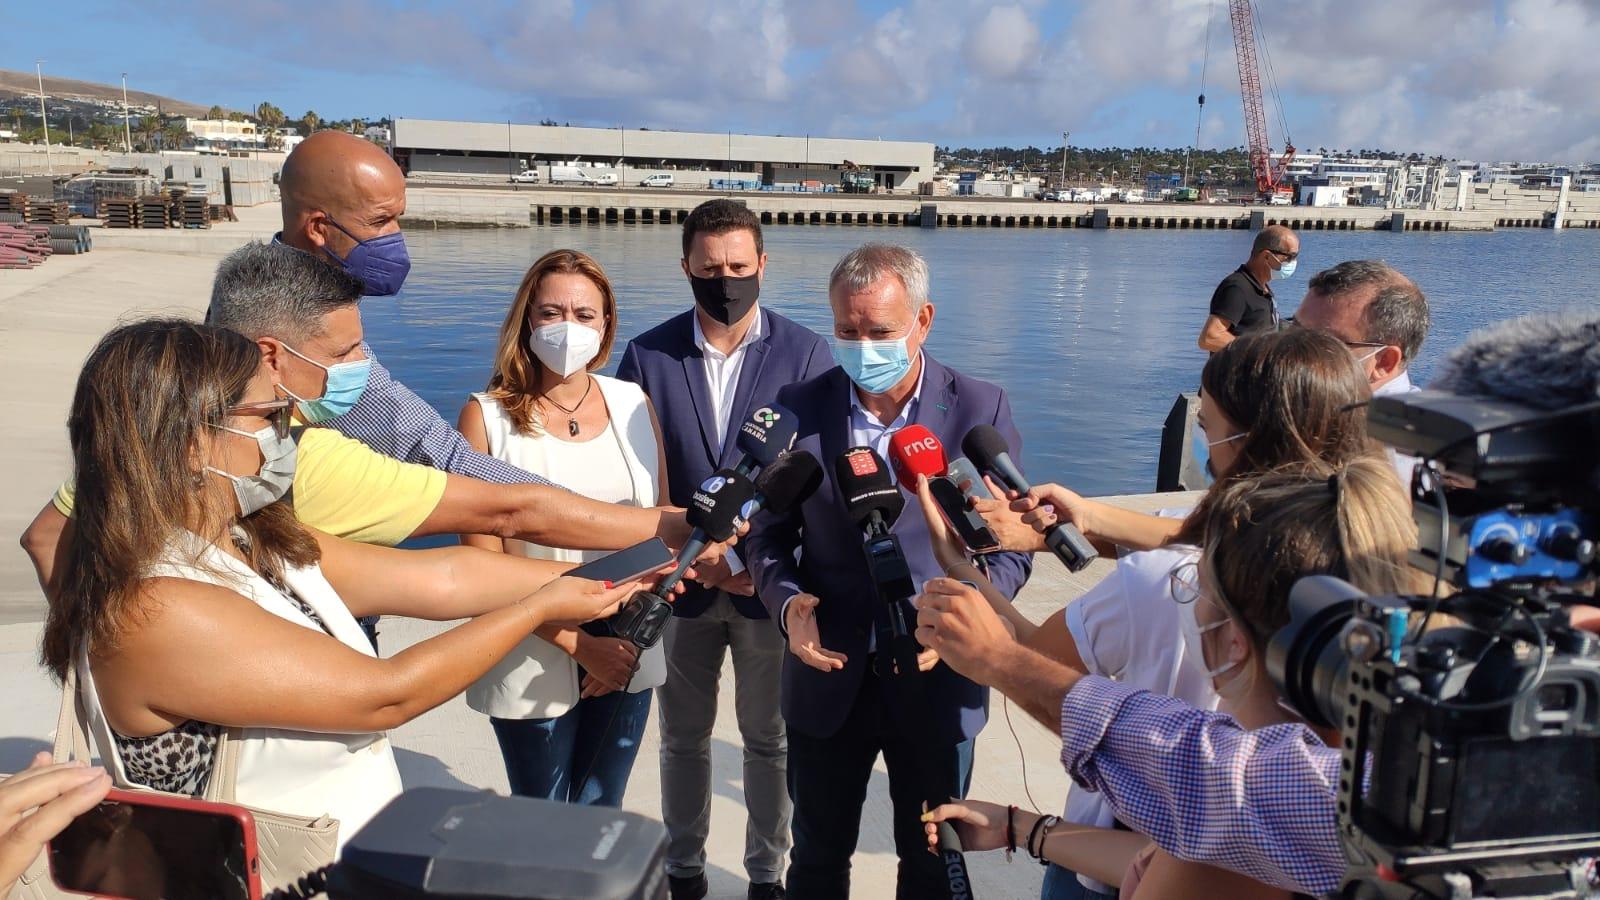 Obras Públicas emprende las últimas obras para poner en servicio el puerto de Playa Blanca a principios de 2022